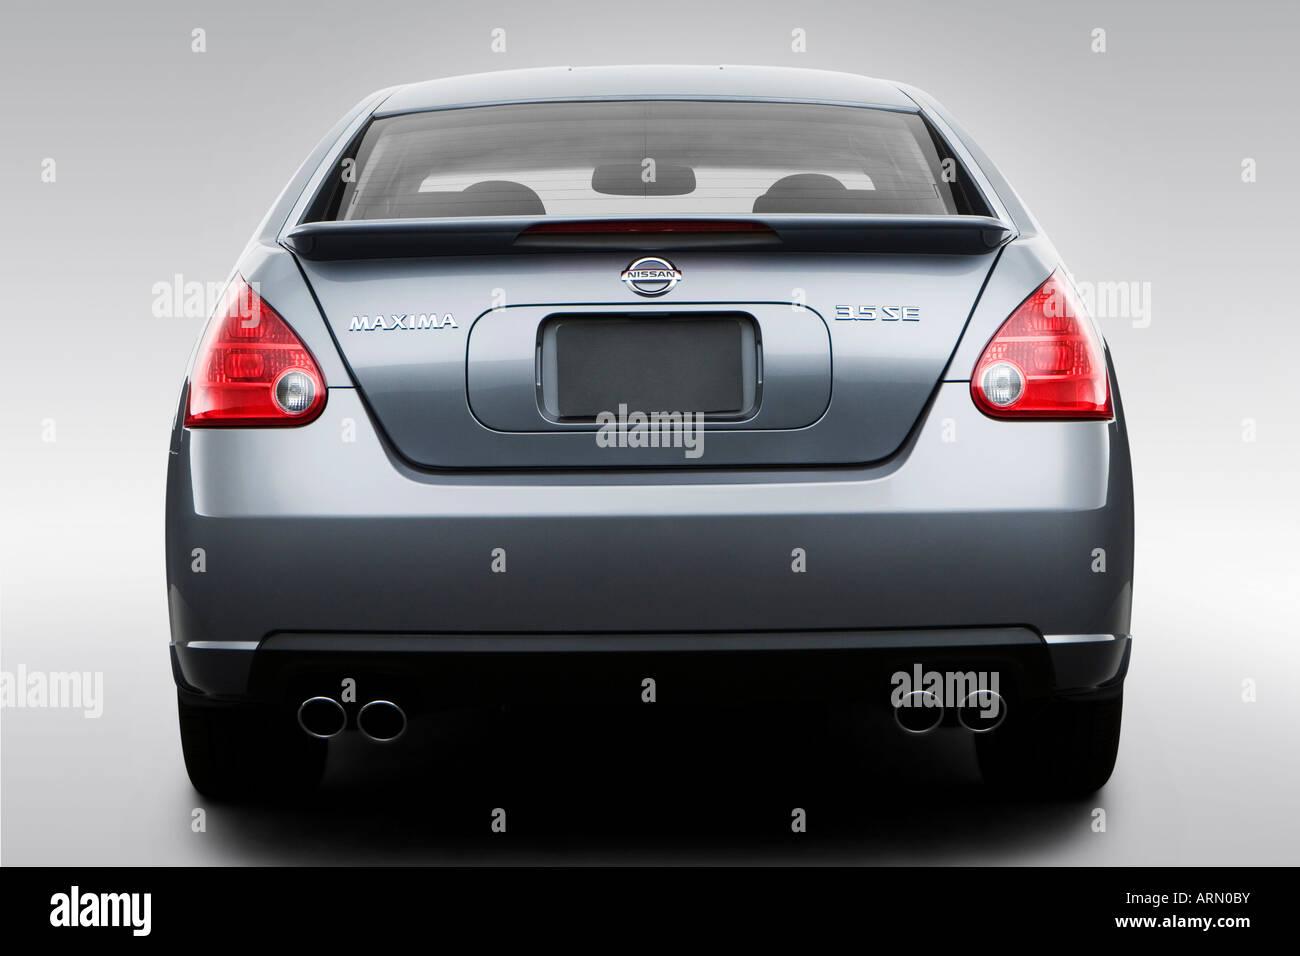 2008 Nissan Maxima 3.5 SE Em Cinza   Baixa/Traseiro Largo